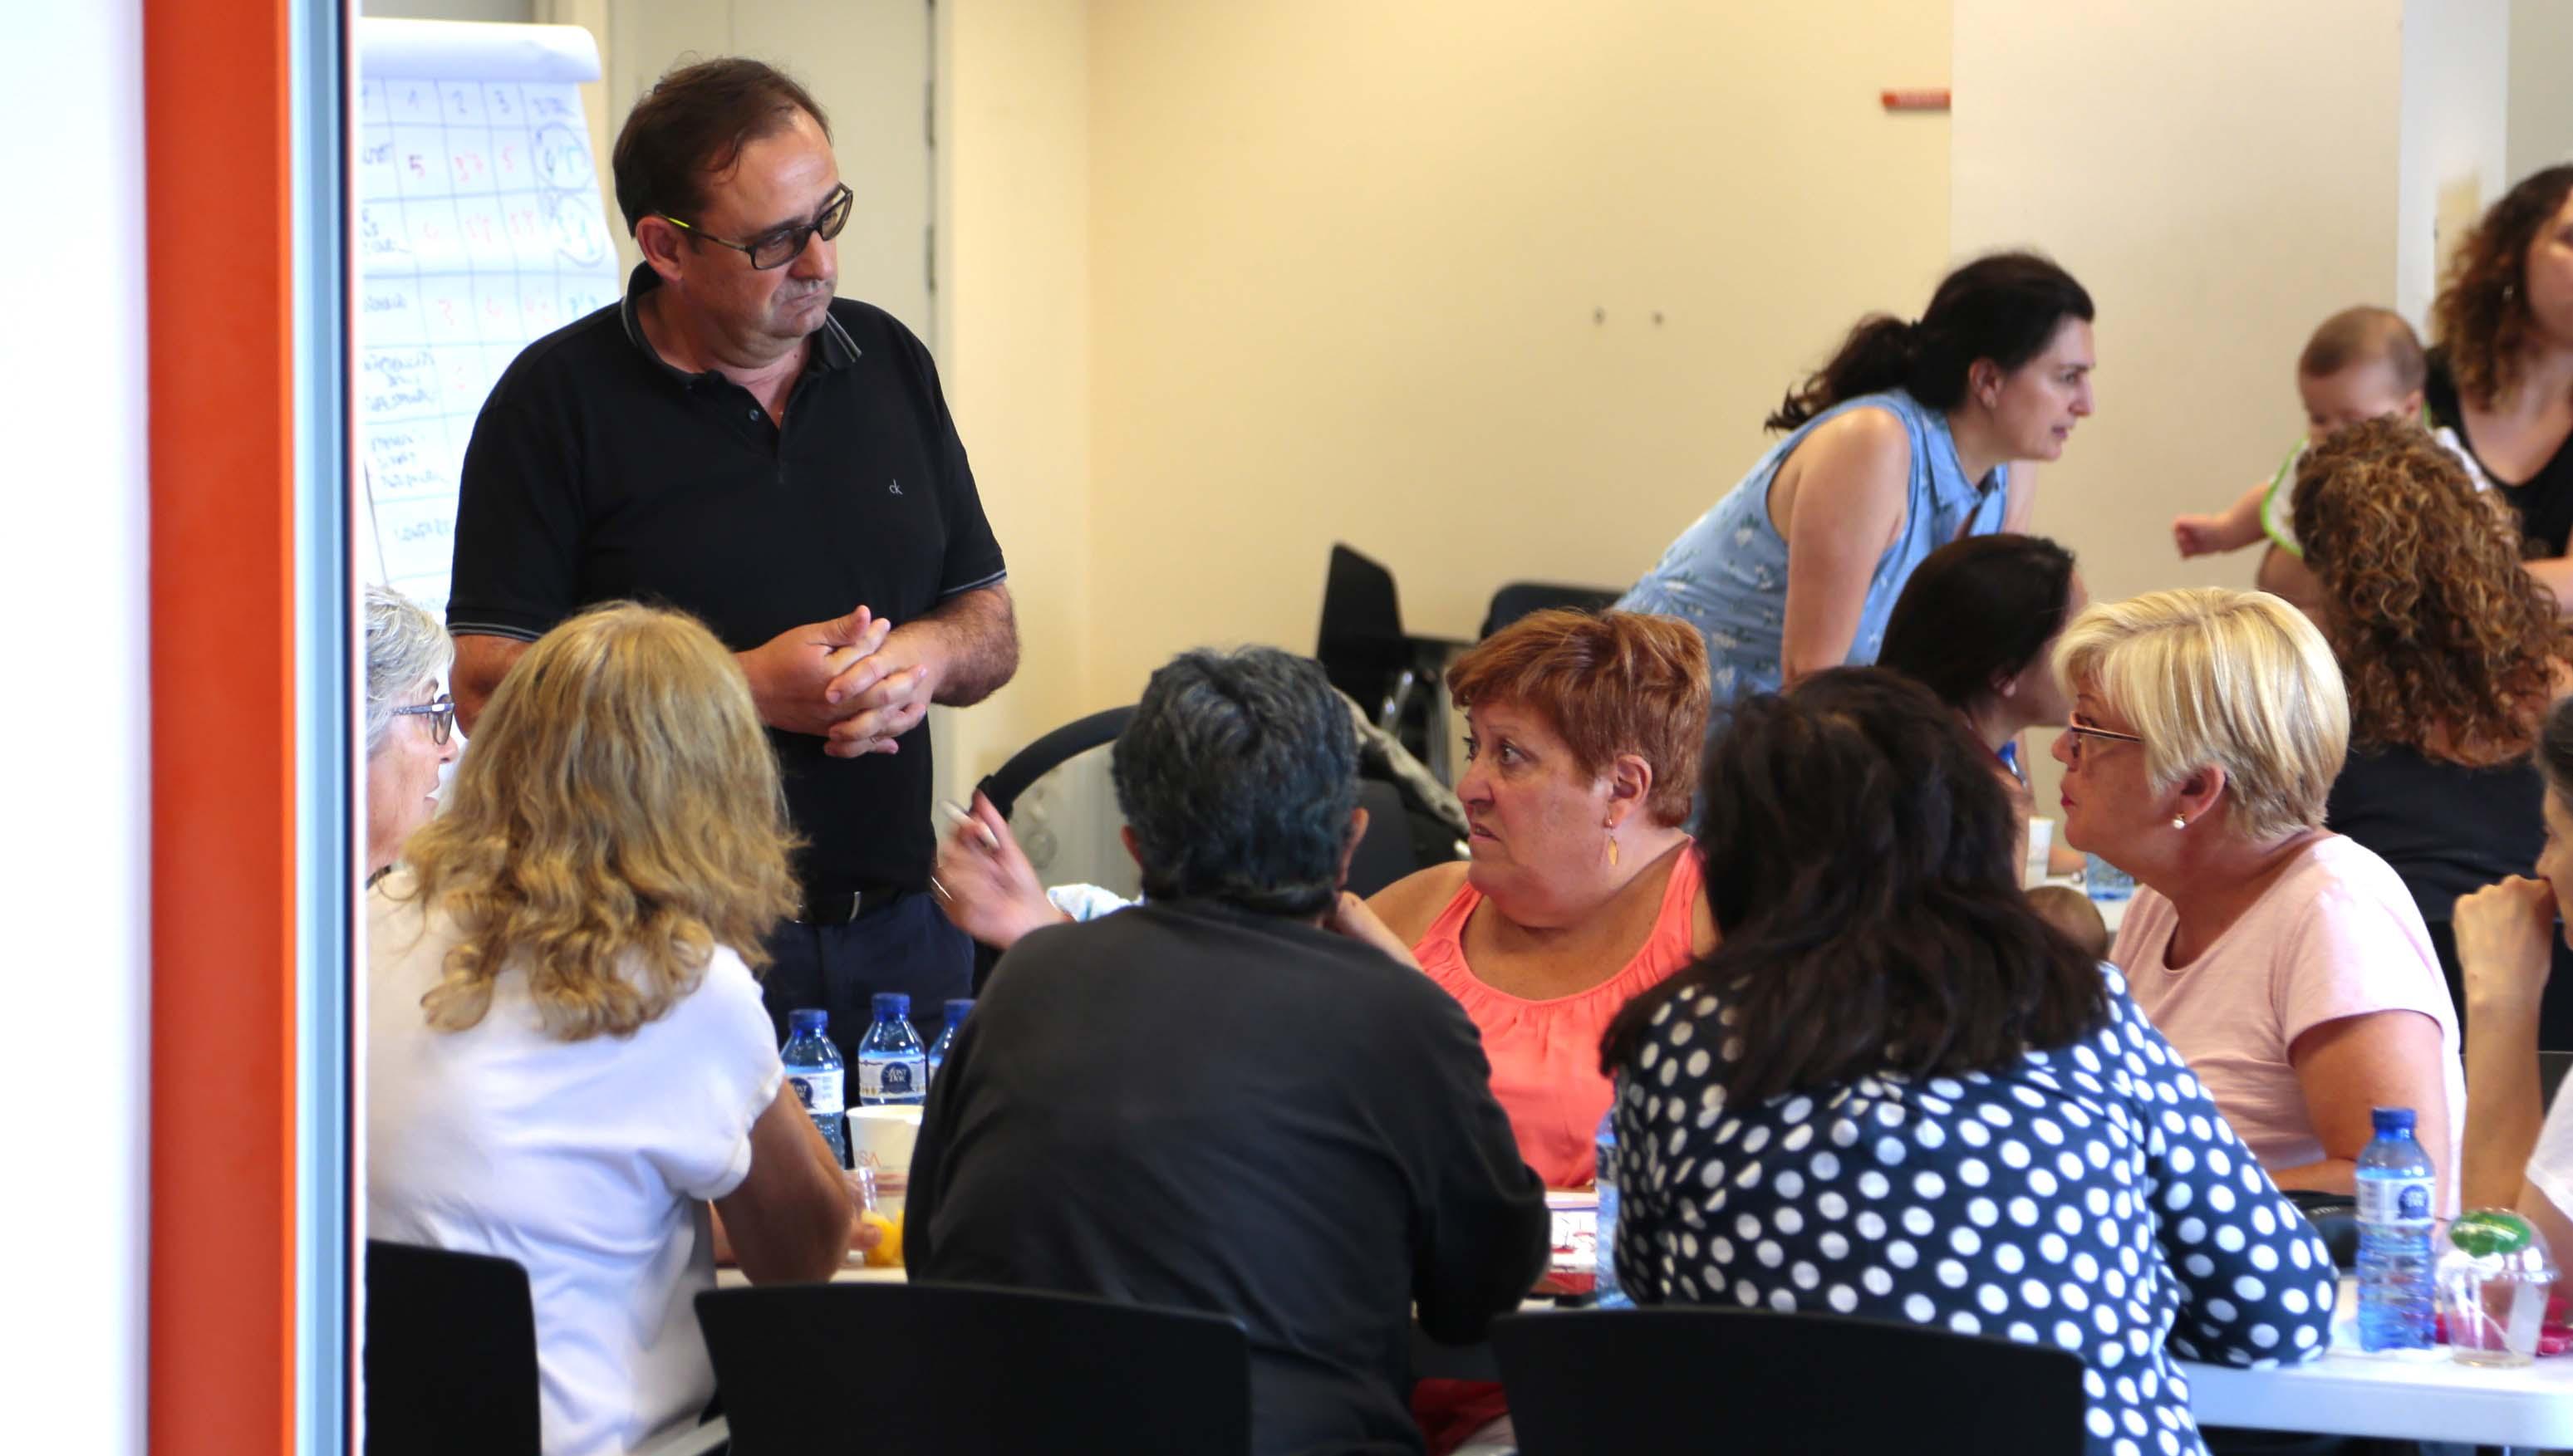 Sessió de diàleg - Atenció Primària Vallcarca - Sant Gervasi